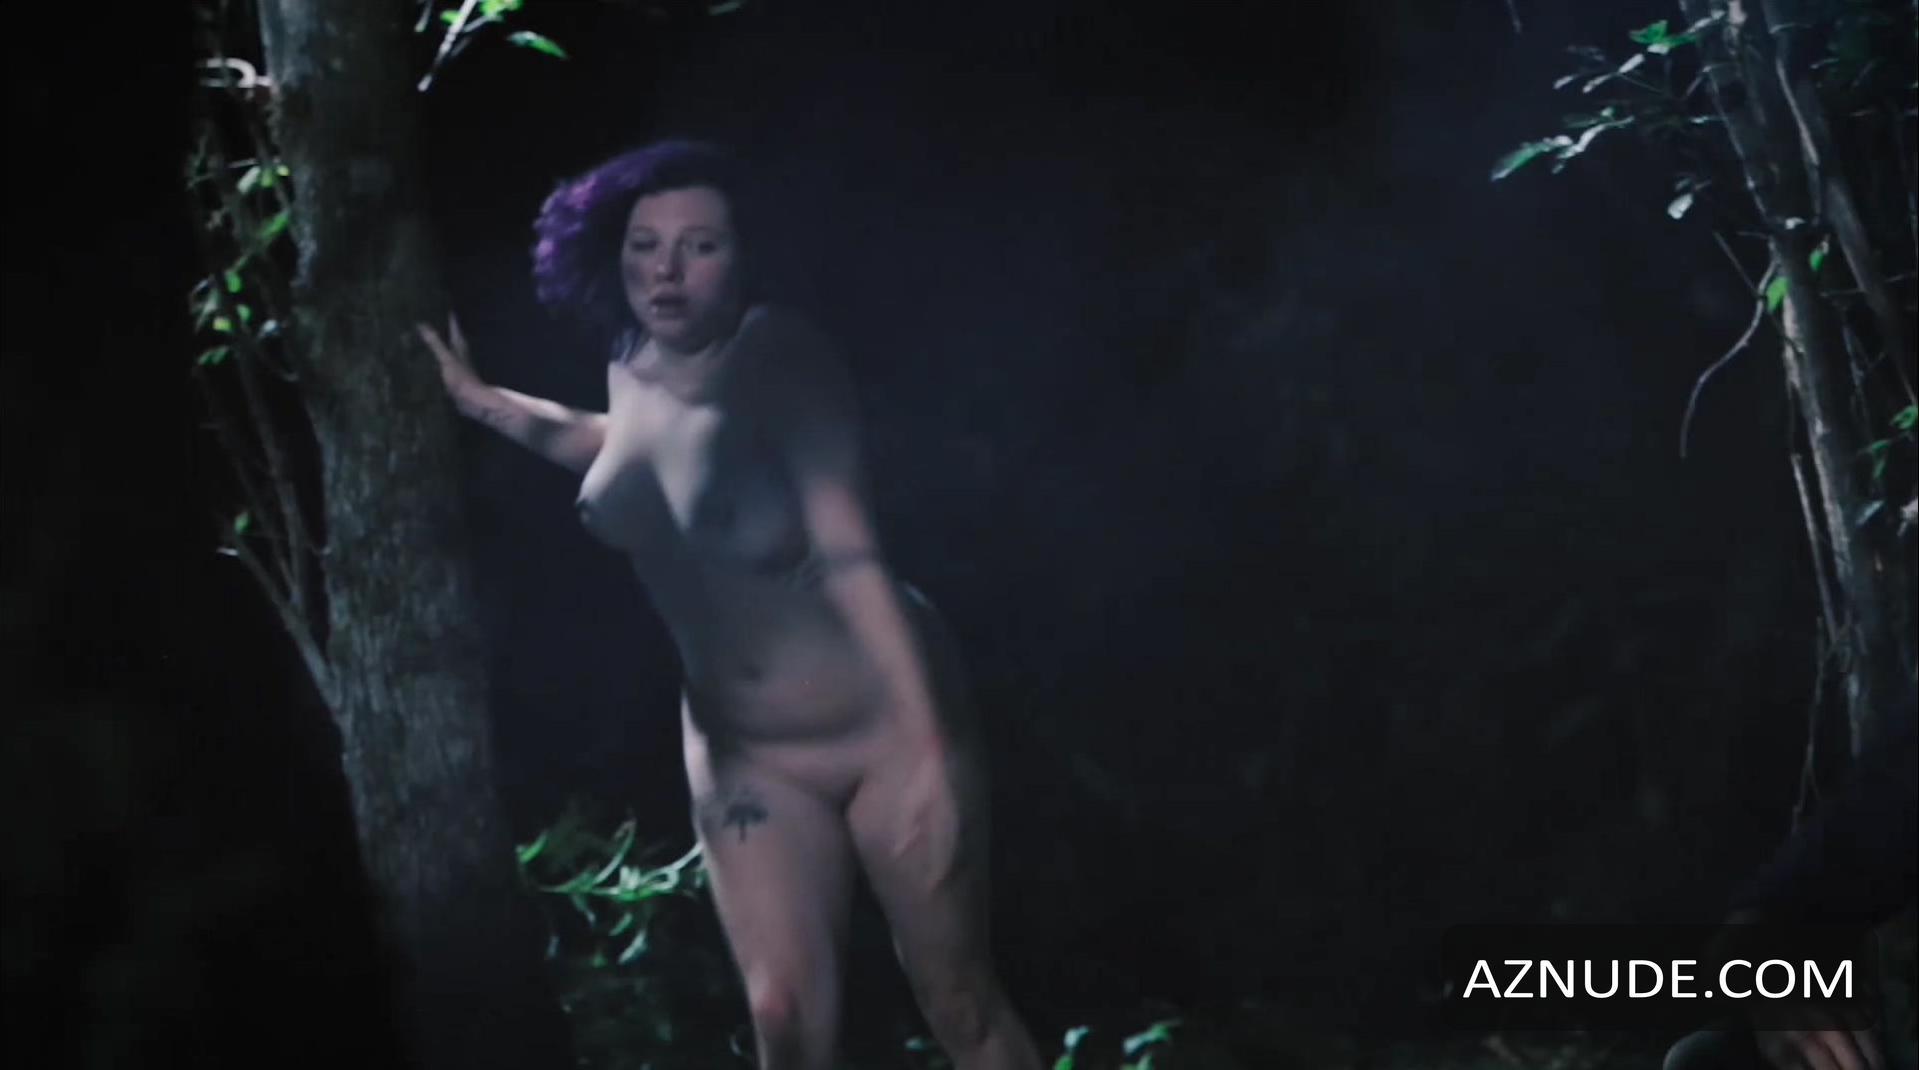 Sarah strange nude